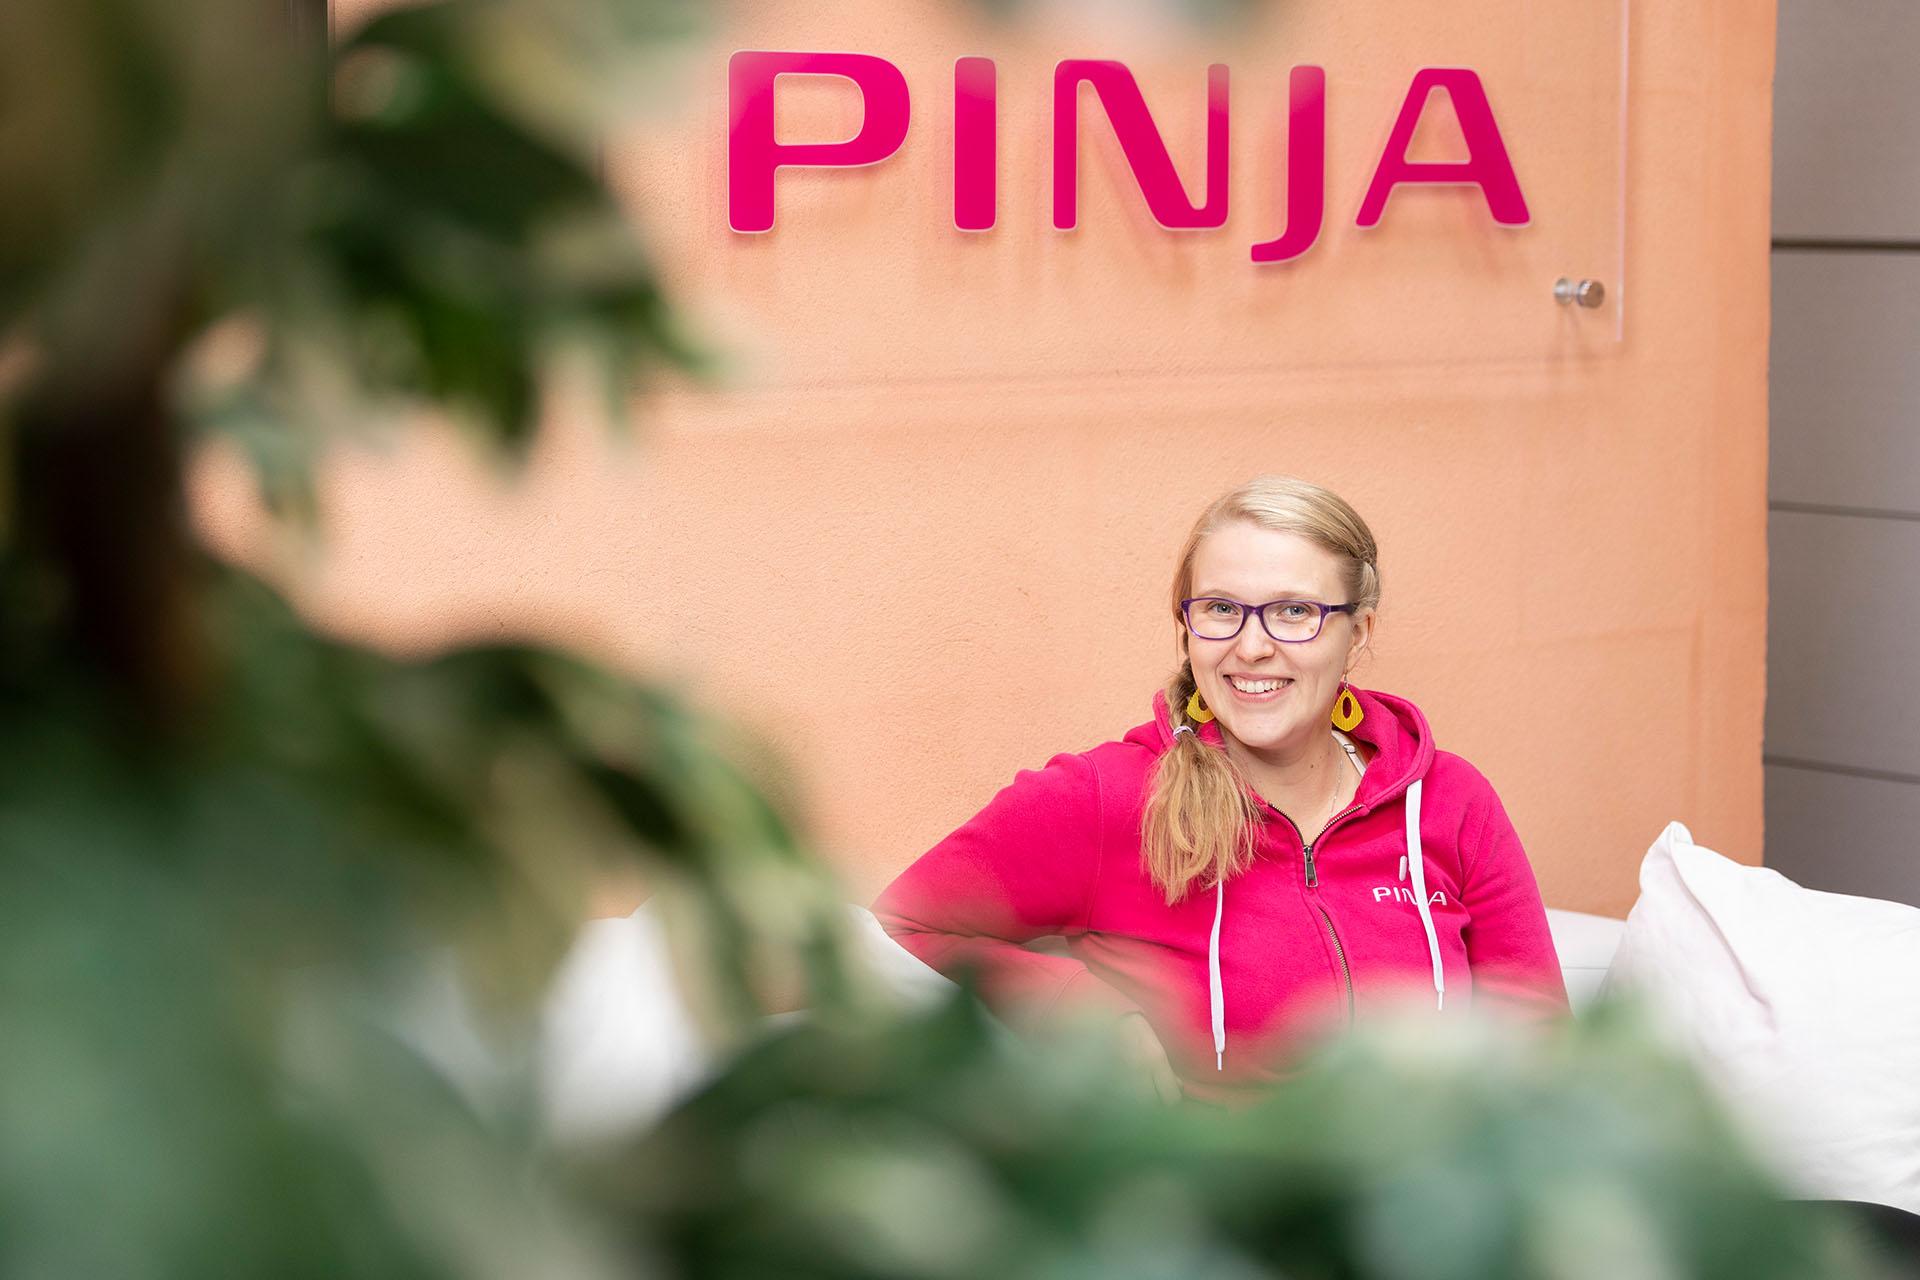 Service desk työntekijä Paula Huuskonen Pinjan hupparissa istumassa valkoisella sohvalla Pinjan kyltin alla